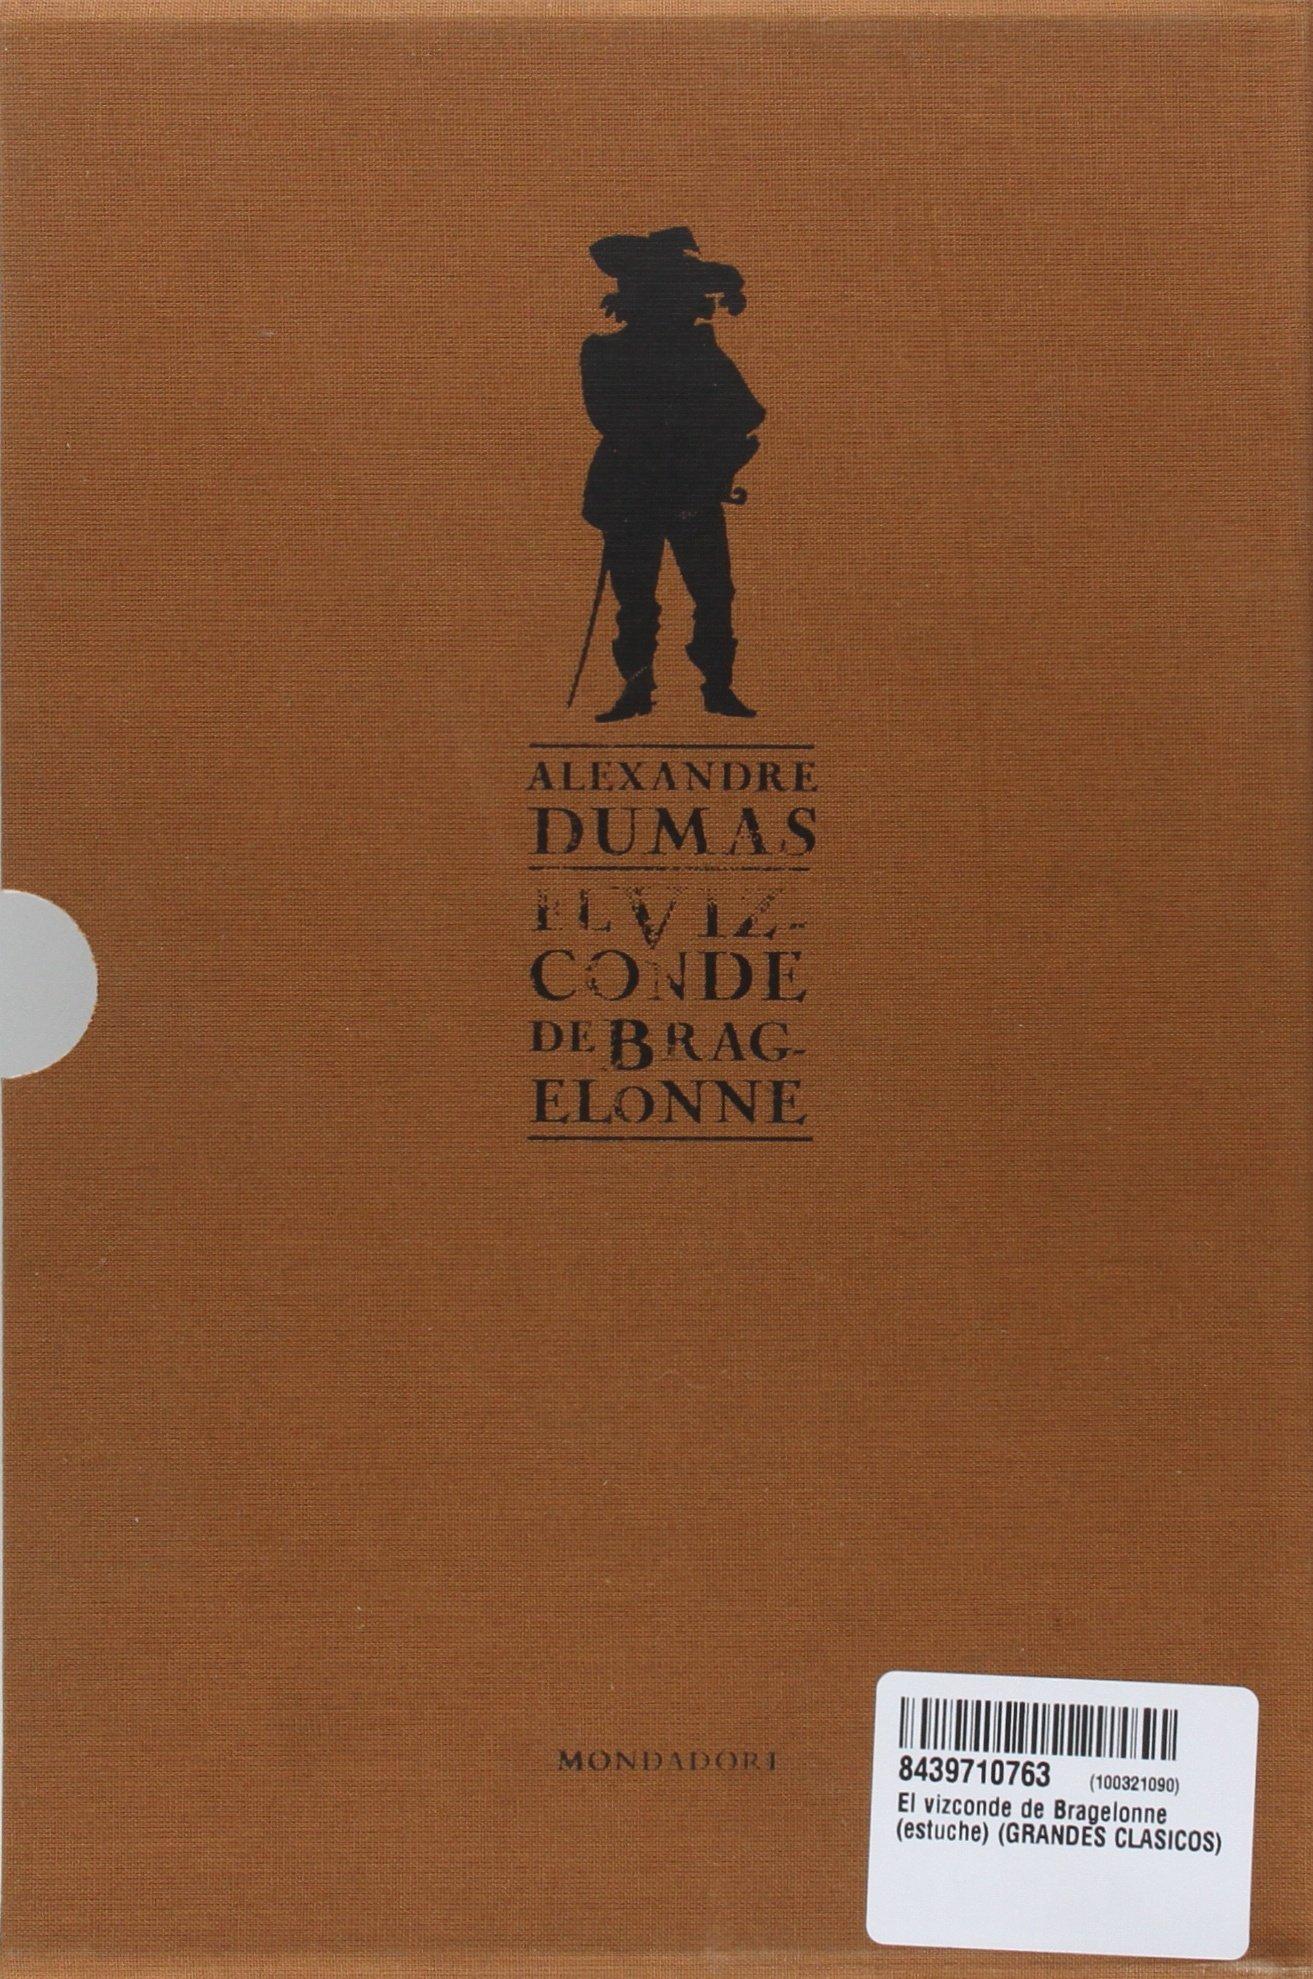 El vizconde de Bragelonne estuche GRANDES CLASICOS: Amazon.es: Dumas, Alejandro: Libros